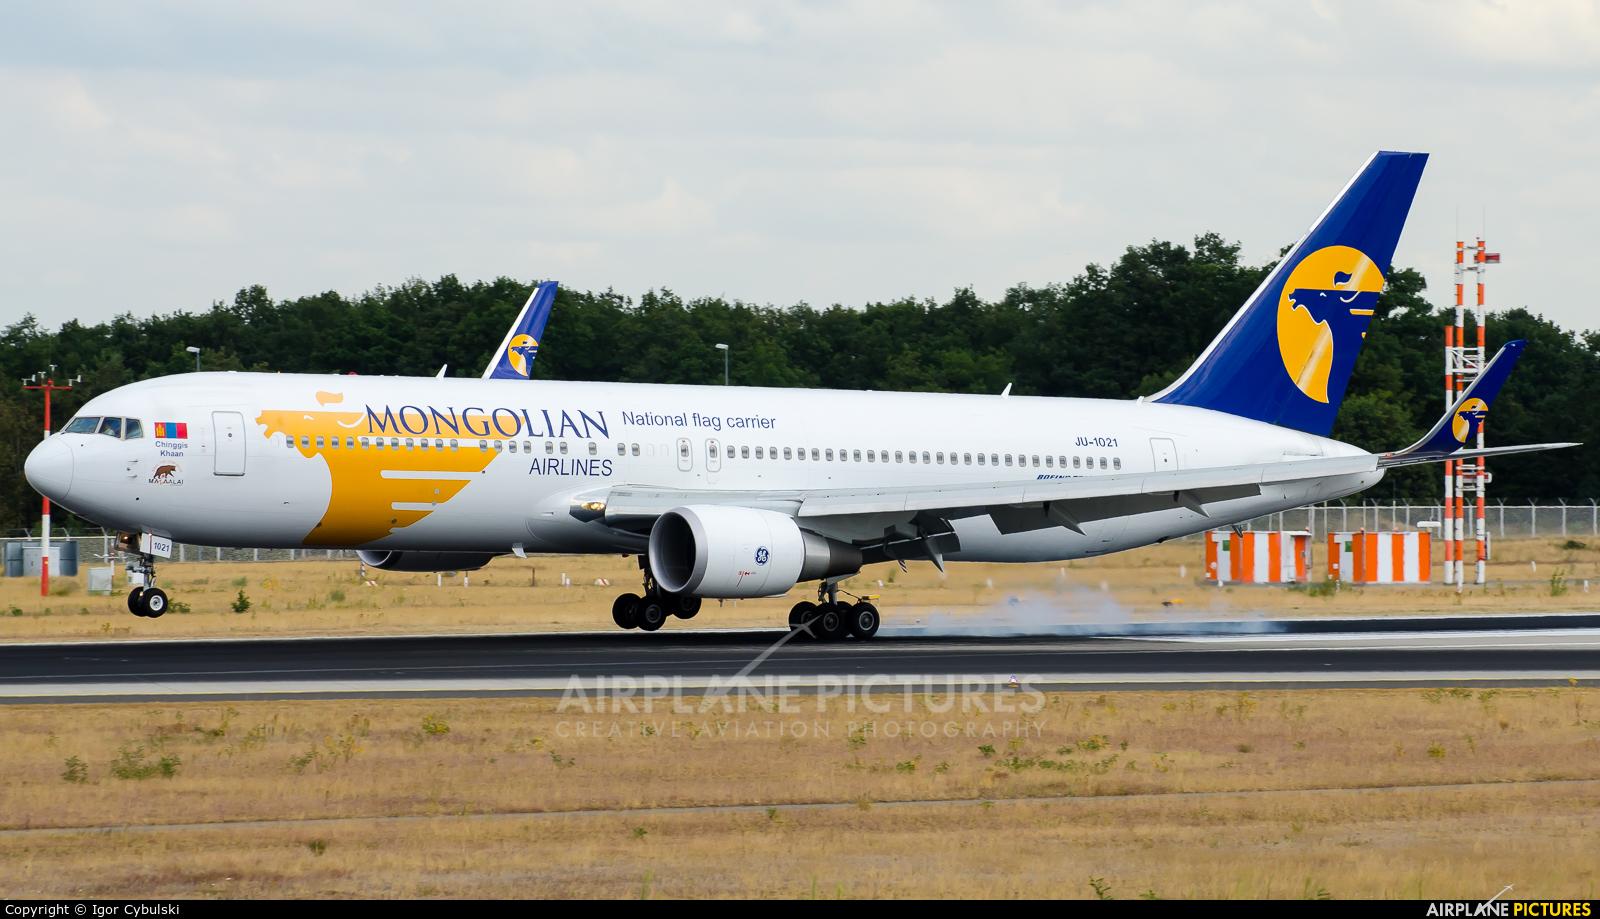 Mongolian Airlines JU-1021 aircraft at Frankfurt